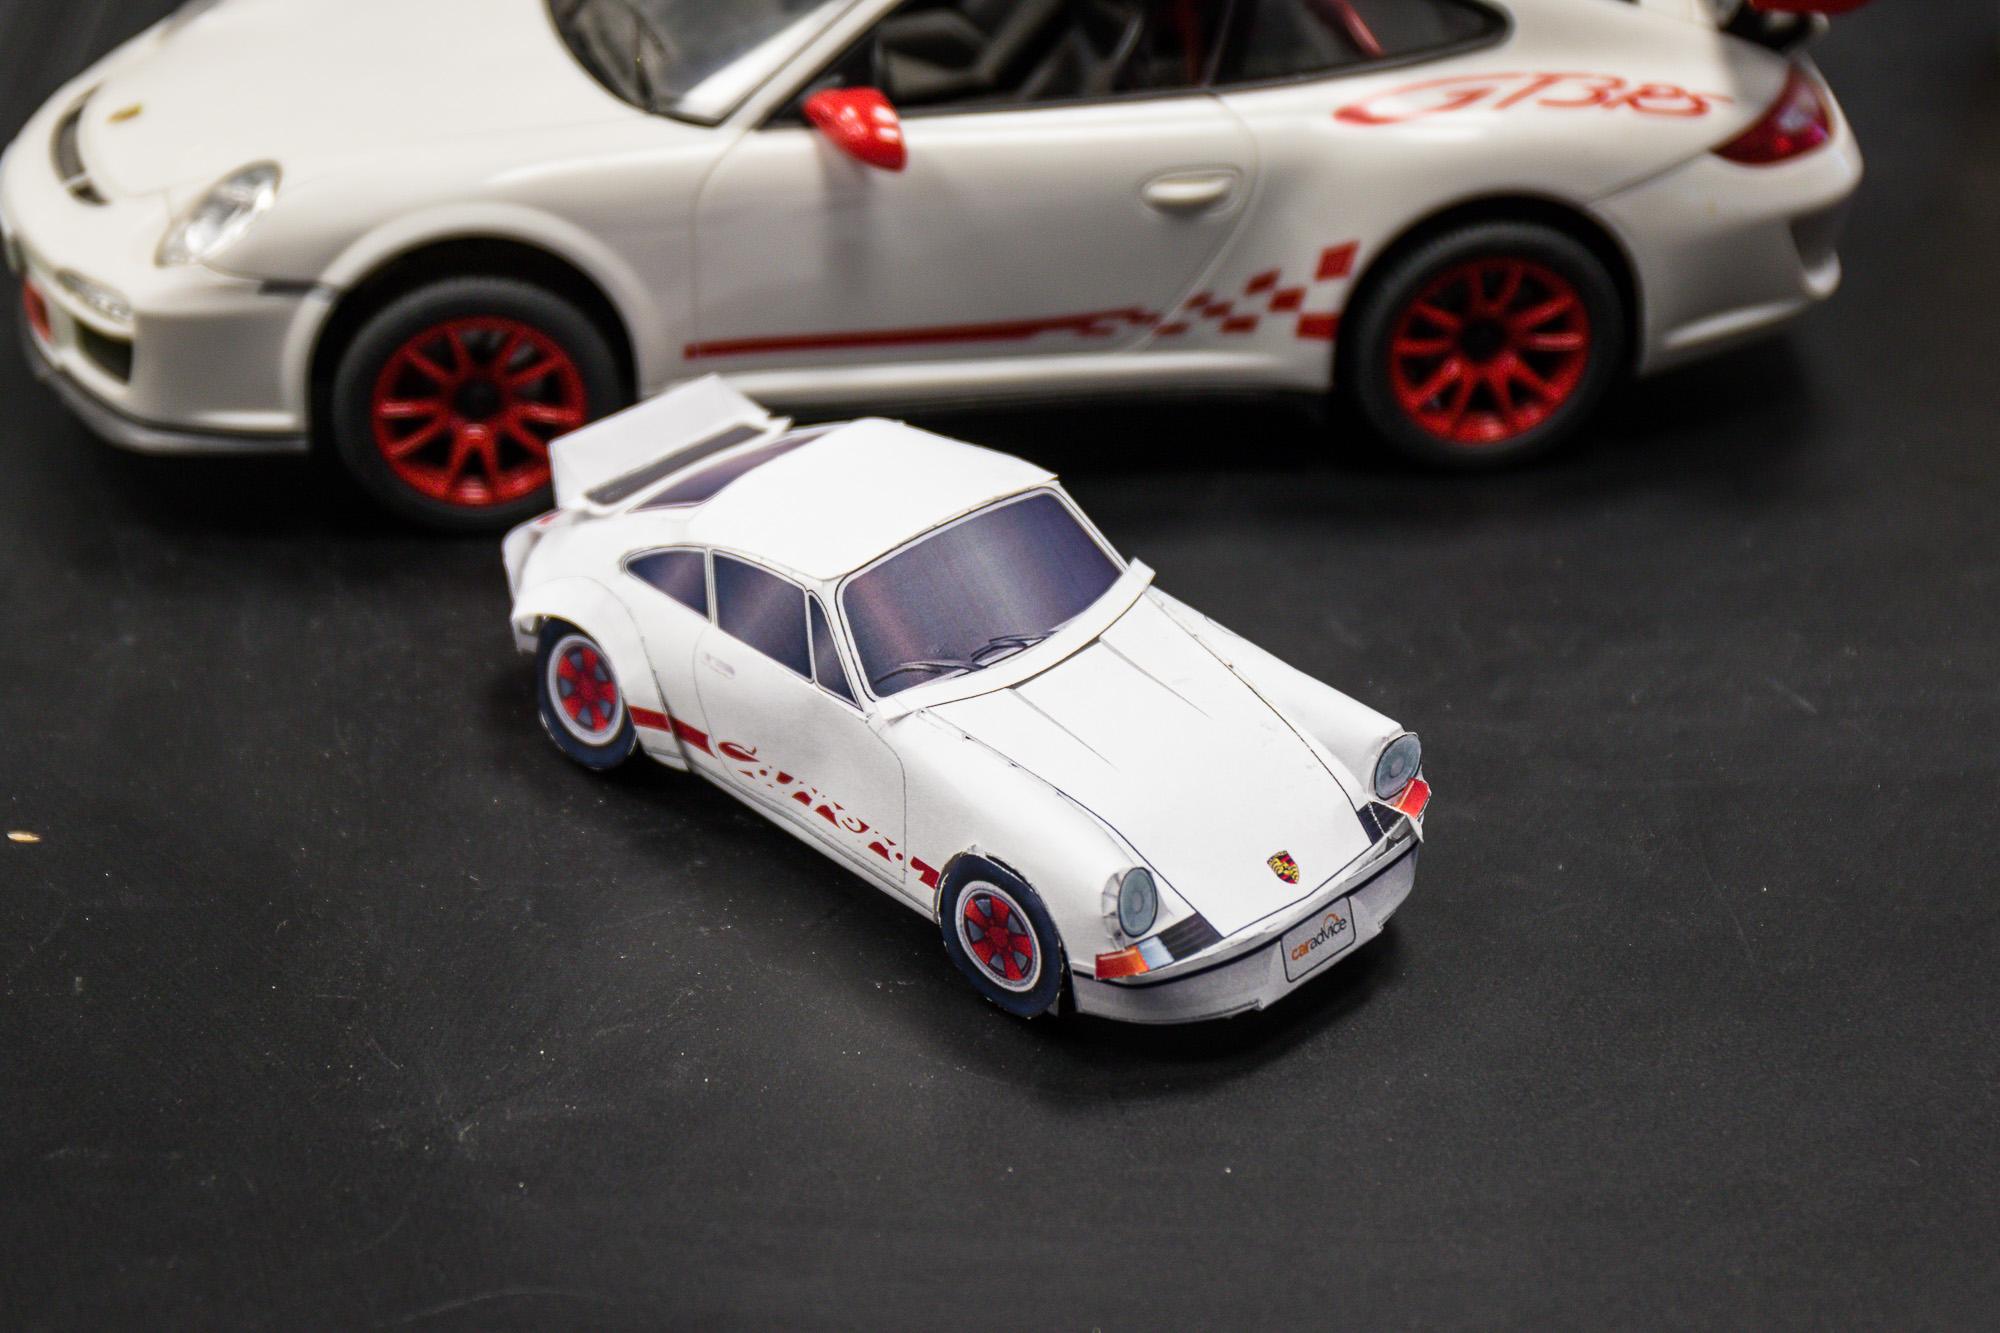 ls-model 911 25